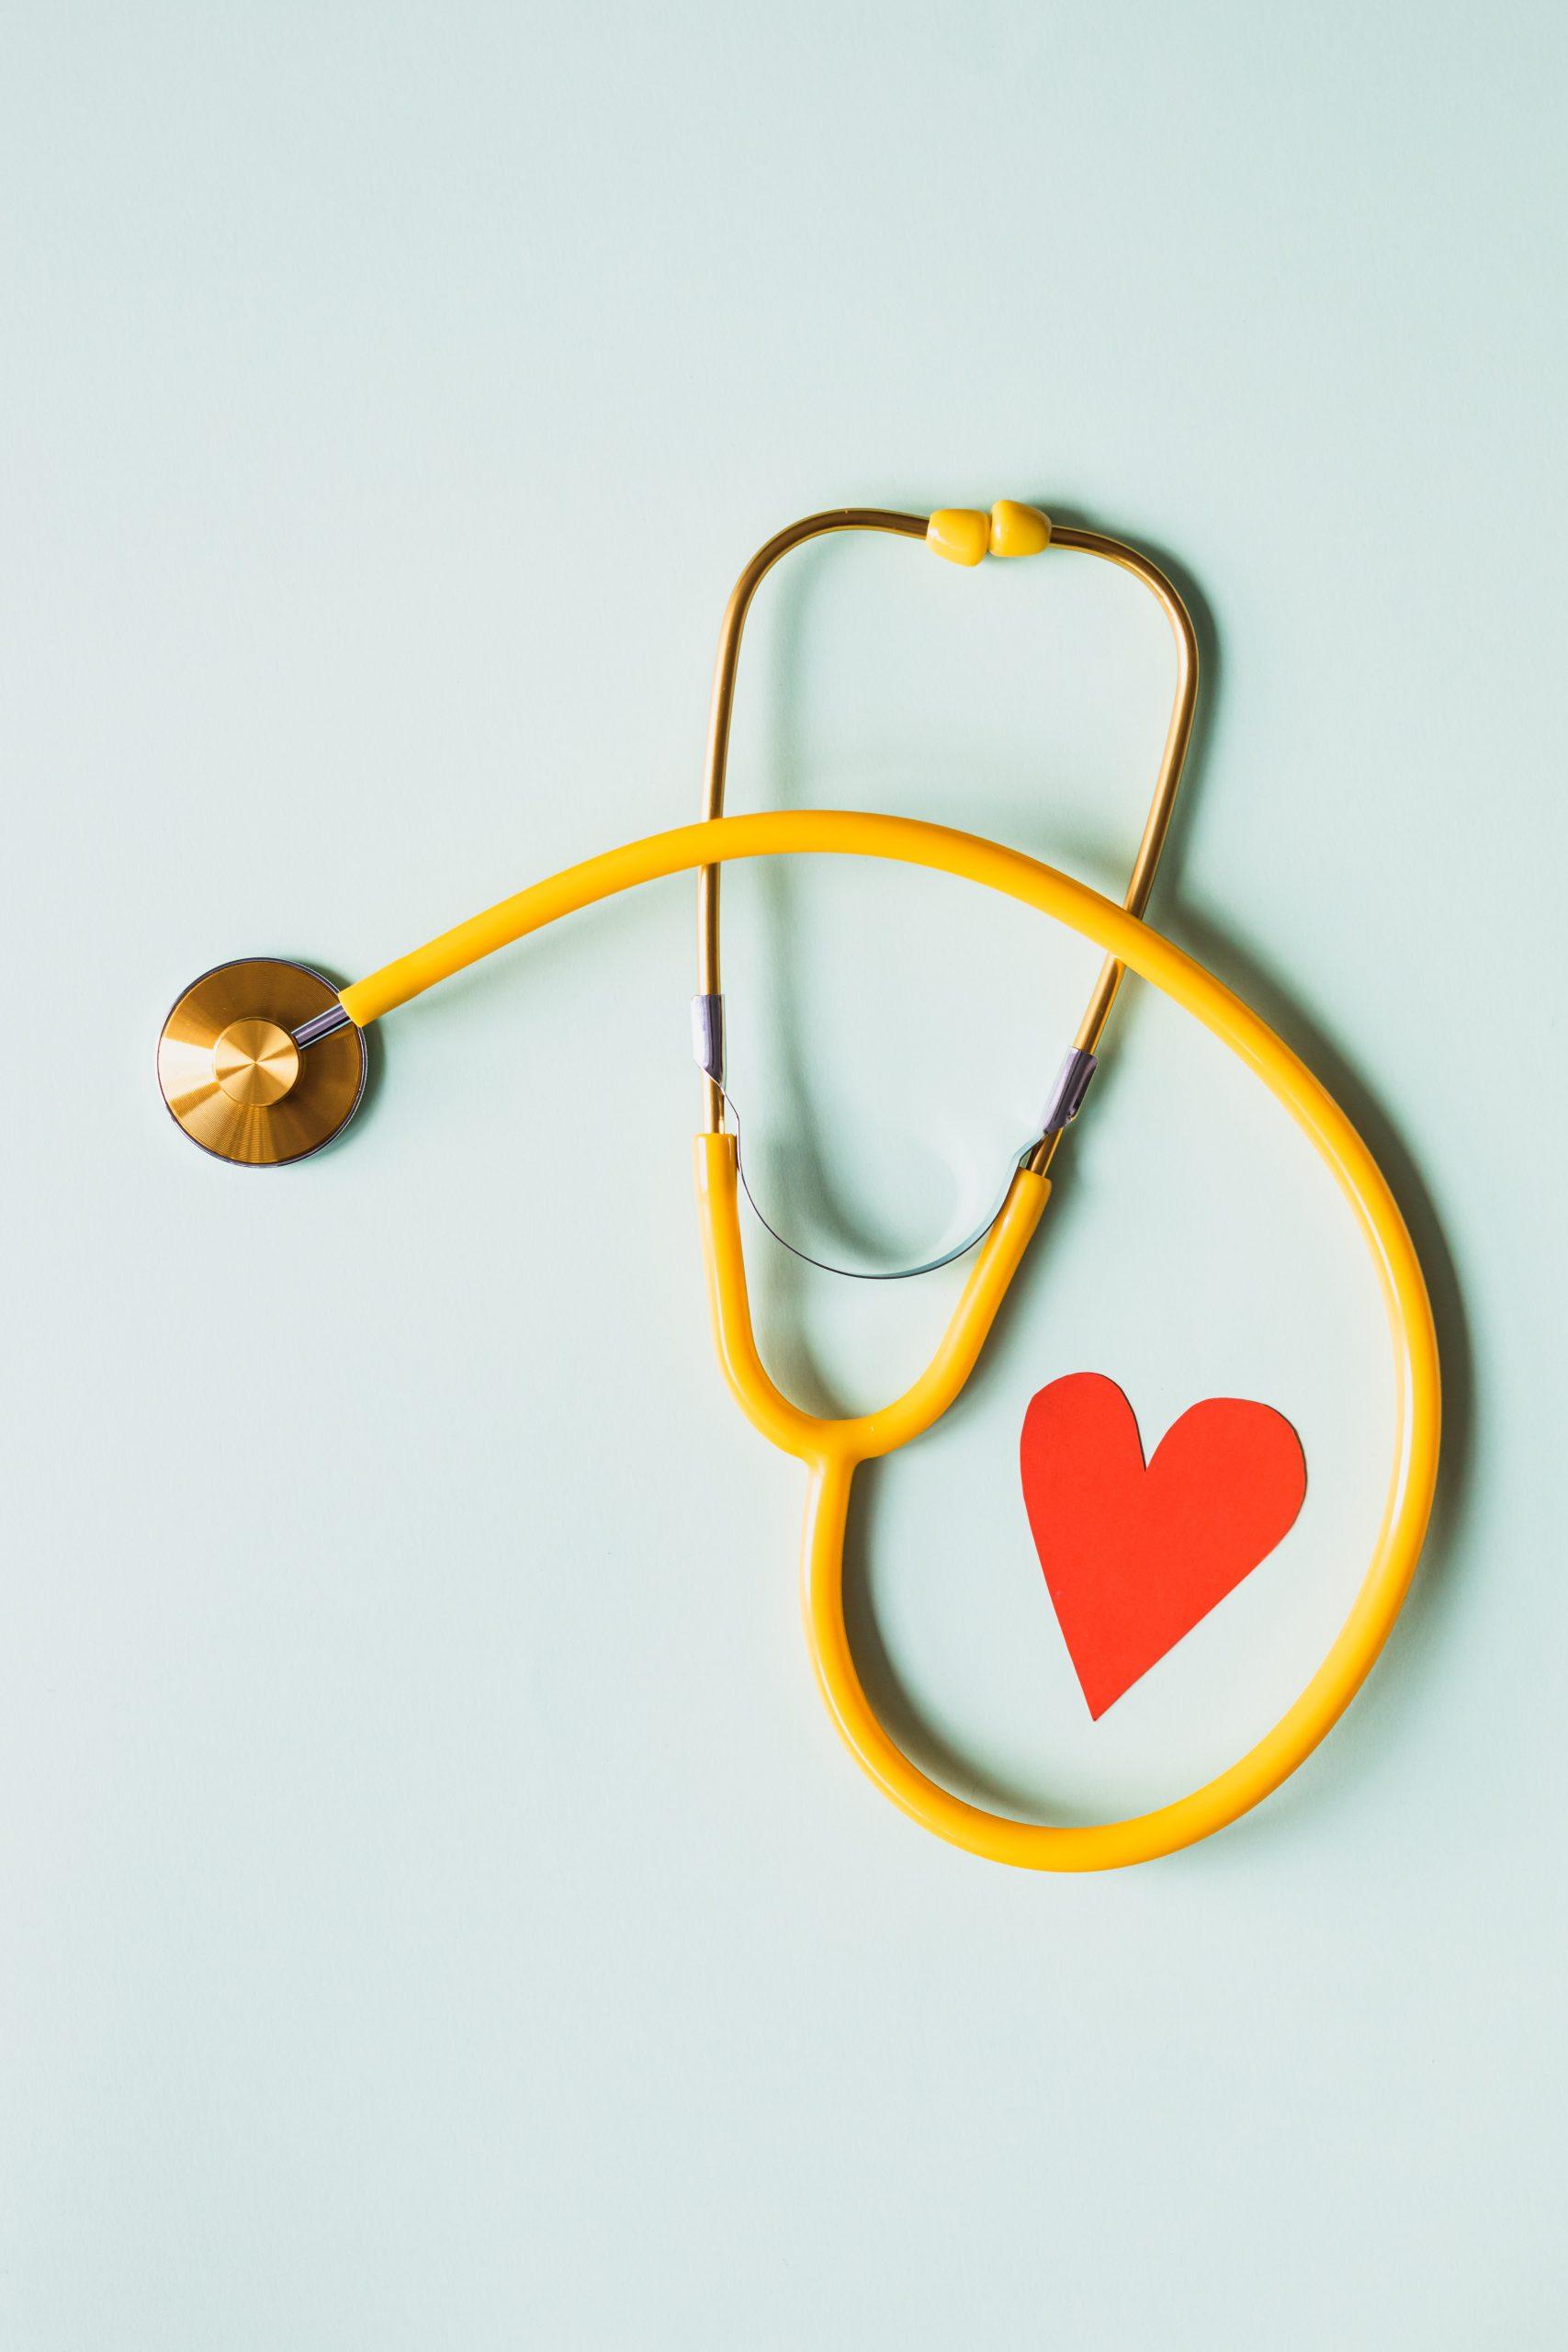 Comment protéger votre coeur?